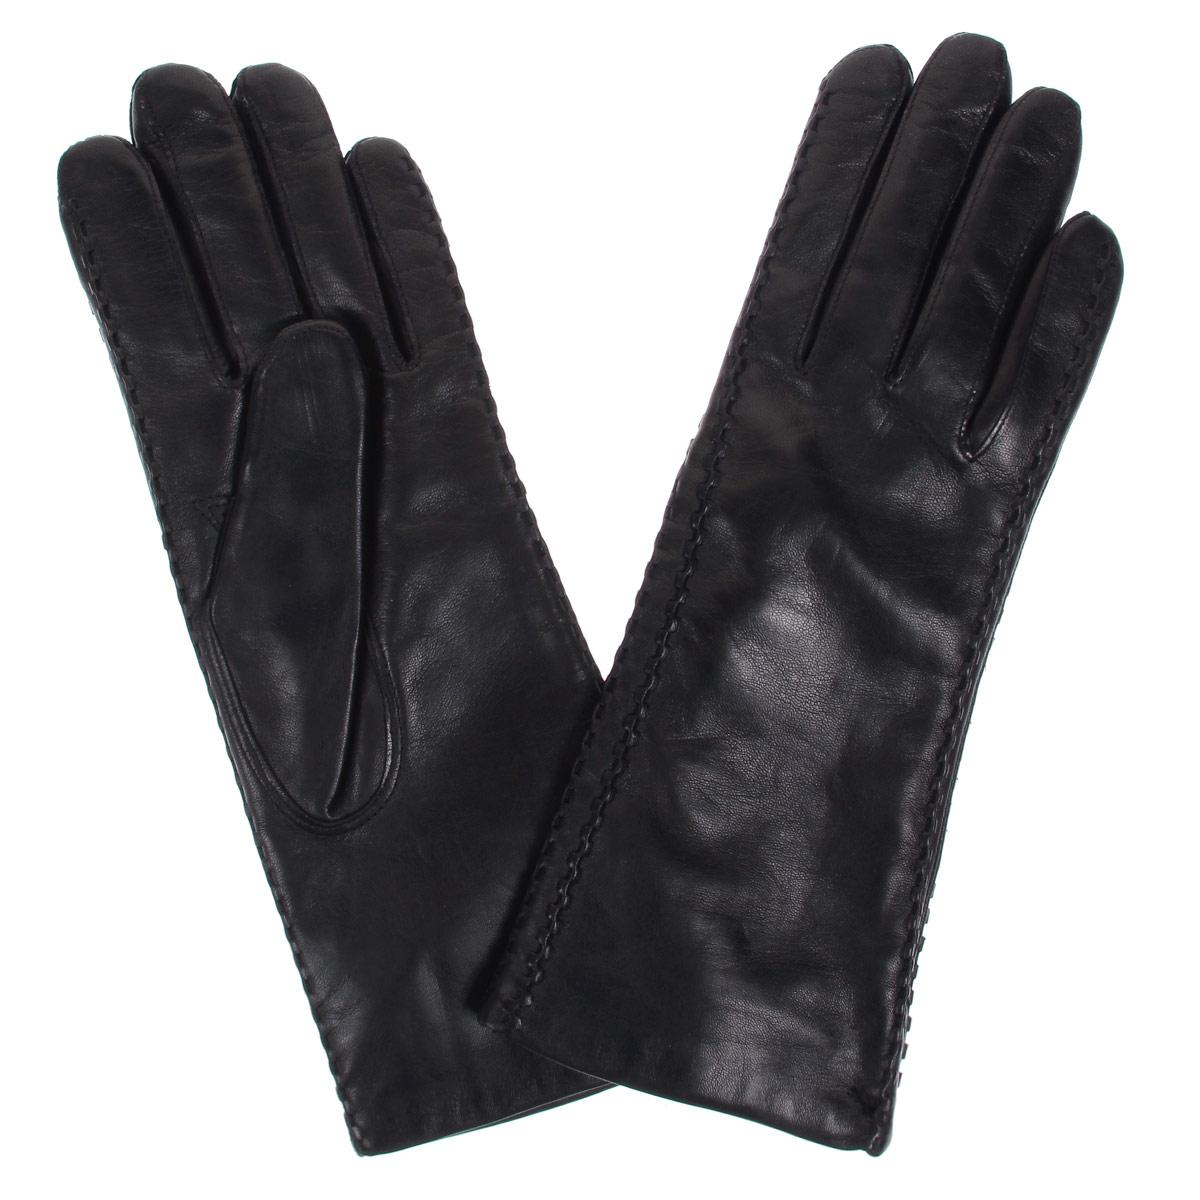 ПерчаткиDF12-257Стильные женские перчатки Bartoc не только защитят ваши руки от холода, но и станут великолепным украшением. Они выполнены из мягкой и приятной на ощупь натуральной кожи ягненка, подкладка - из шерсти. Декорирована модель оригинальной рельефной отстрочкой. Перчатки являются неотъемлемой принадлежностью одежды, вместе с этим аксессуаром вы обретаете женственность и элегантность. Они станут завершающим и подчеркивающим элементом вашего неповторимого стиля и индивидуальности.